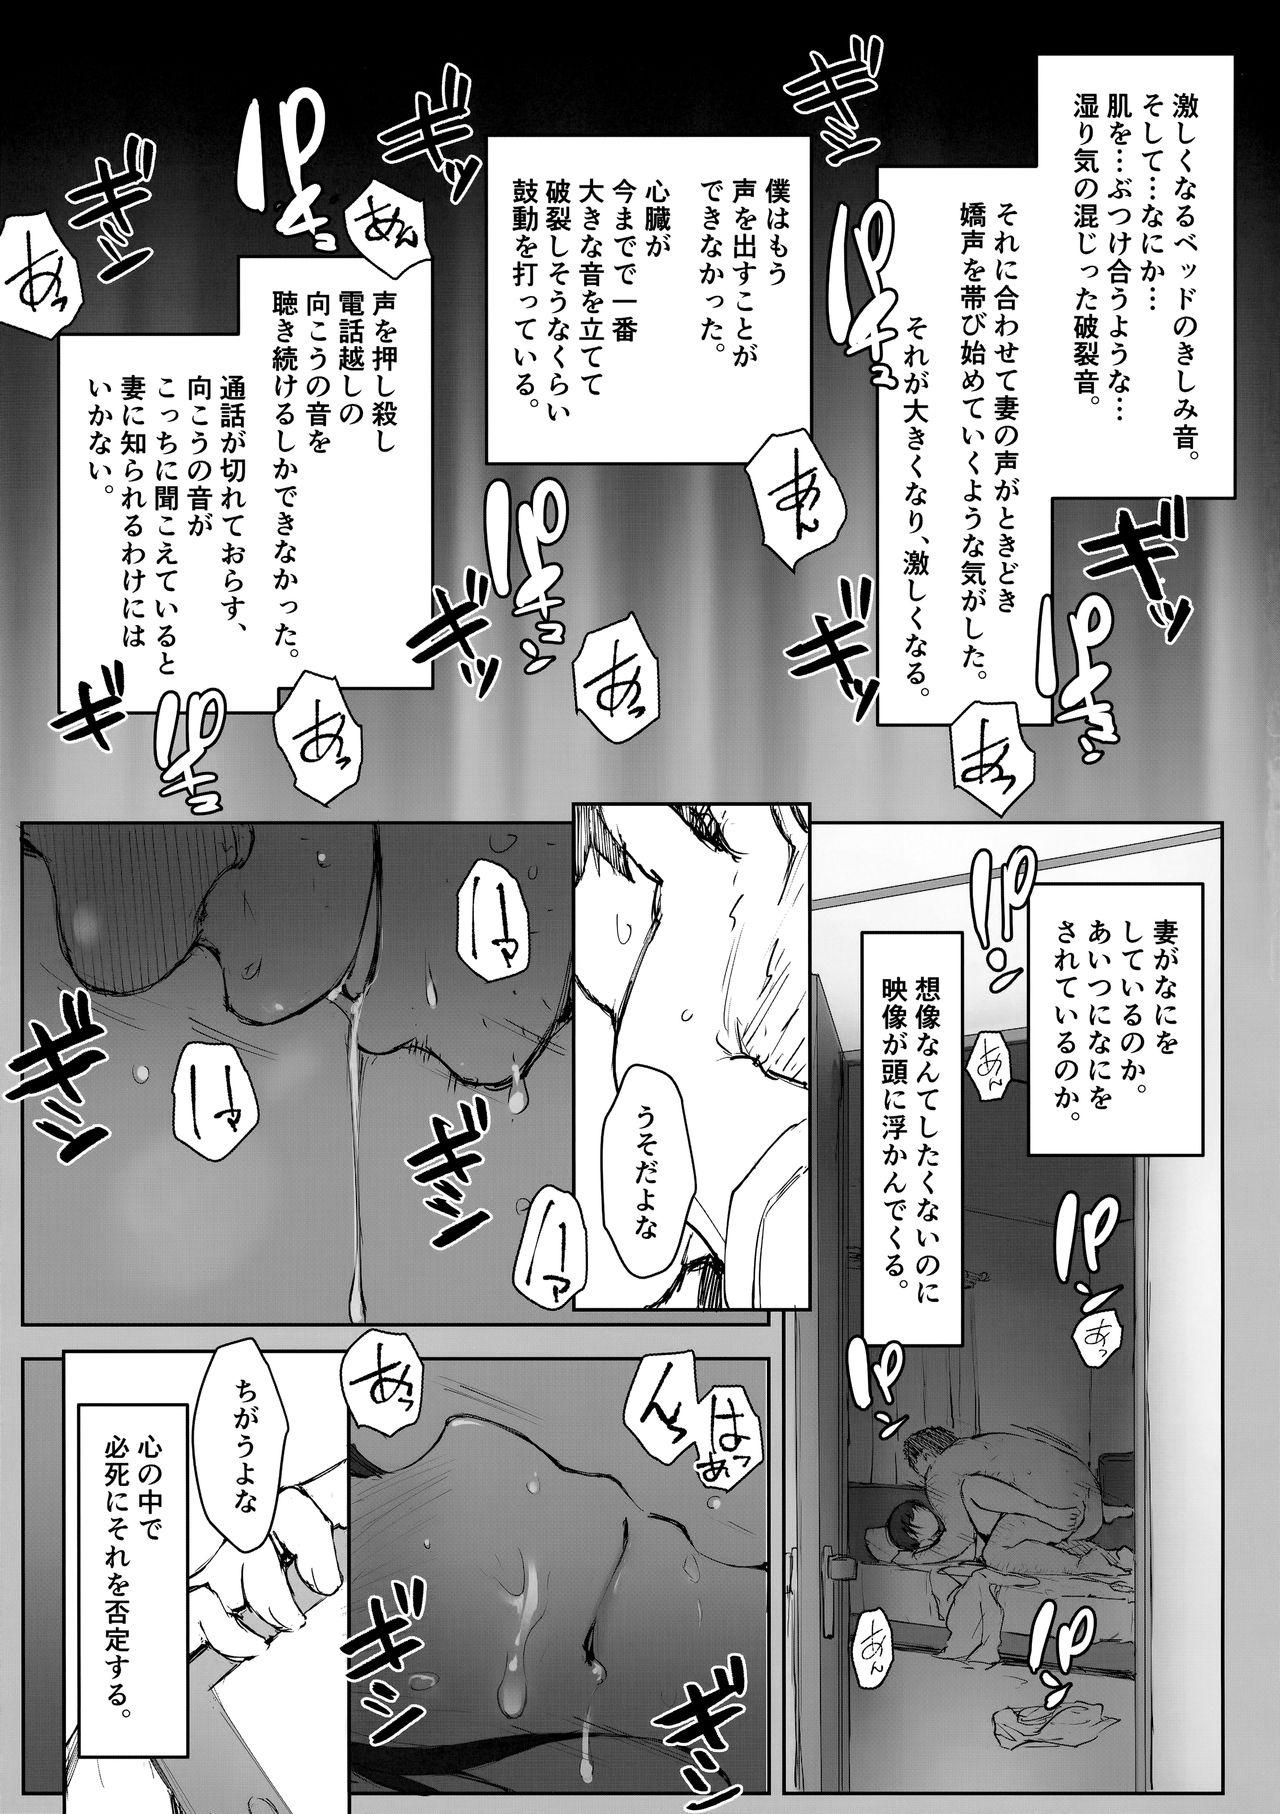 Tsuma no Imouto no Danna ga Ie ni Kiteiruyoudesu. 8